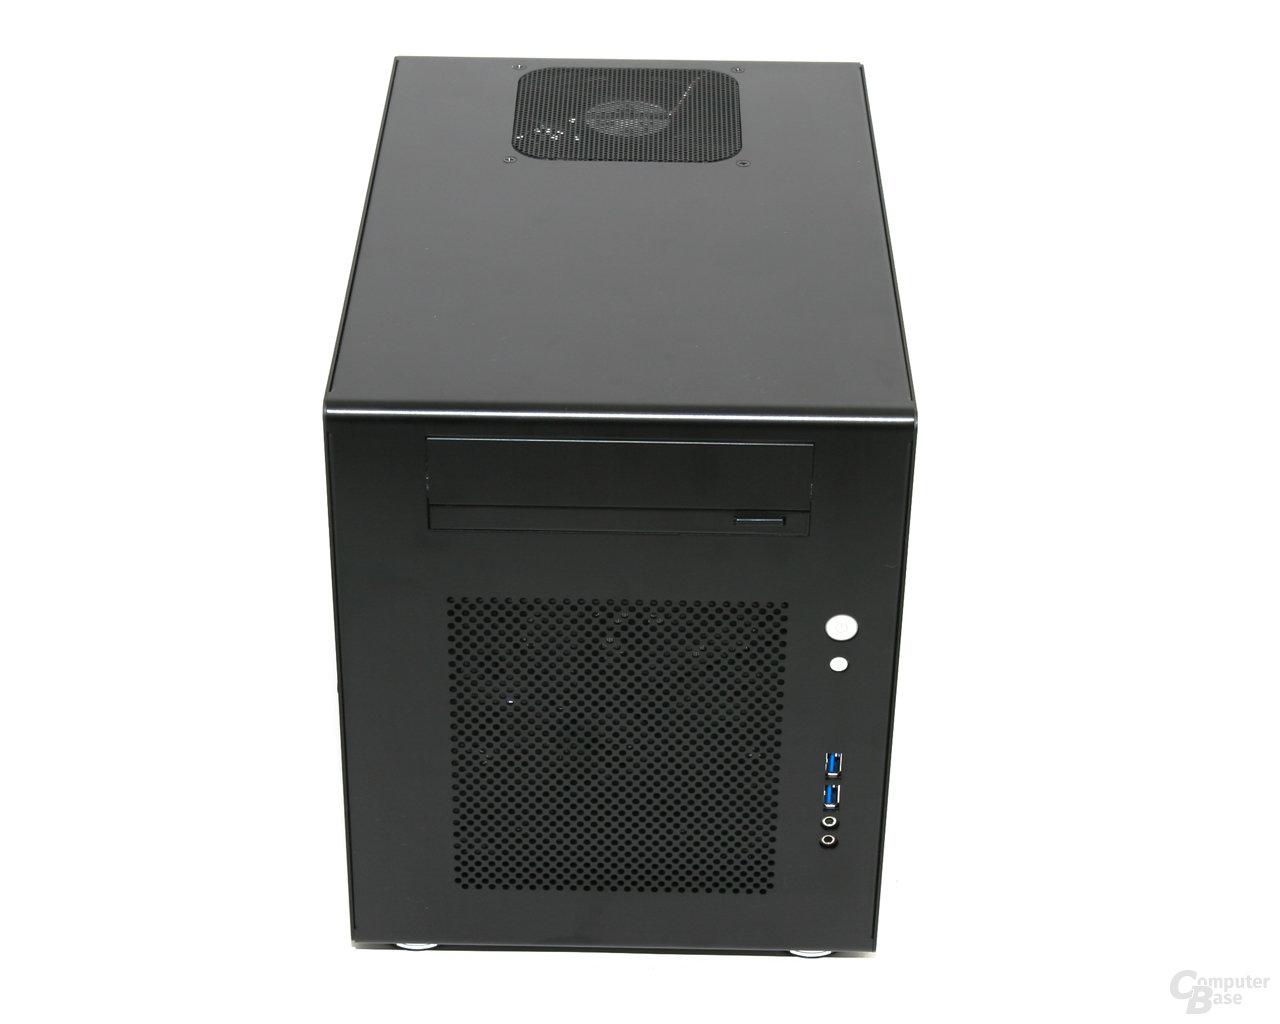 Lian Li PC-Q08 – Front